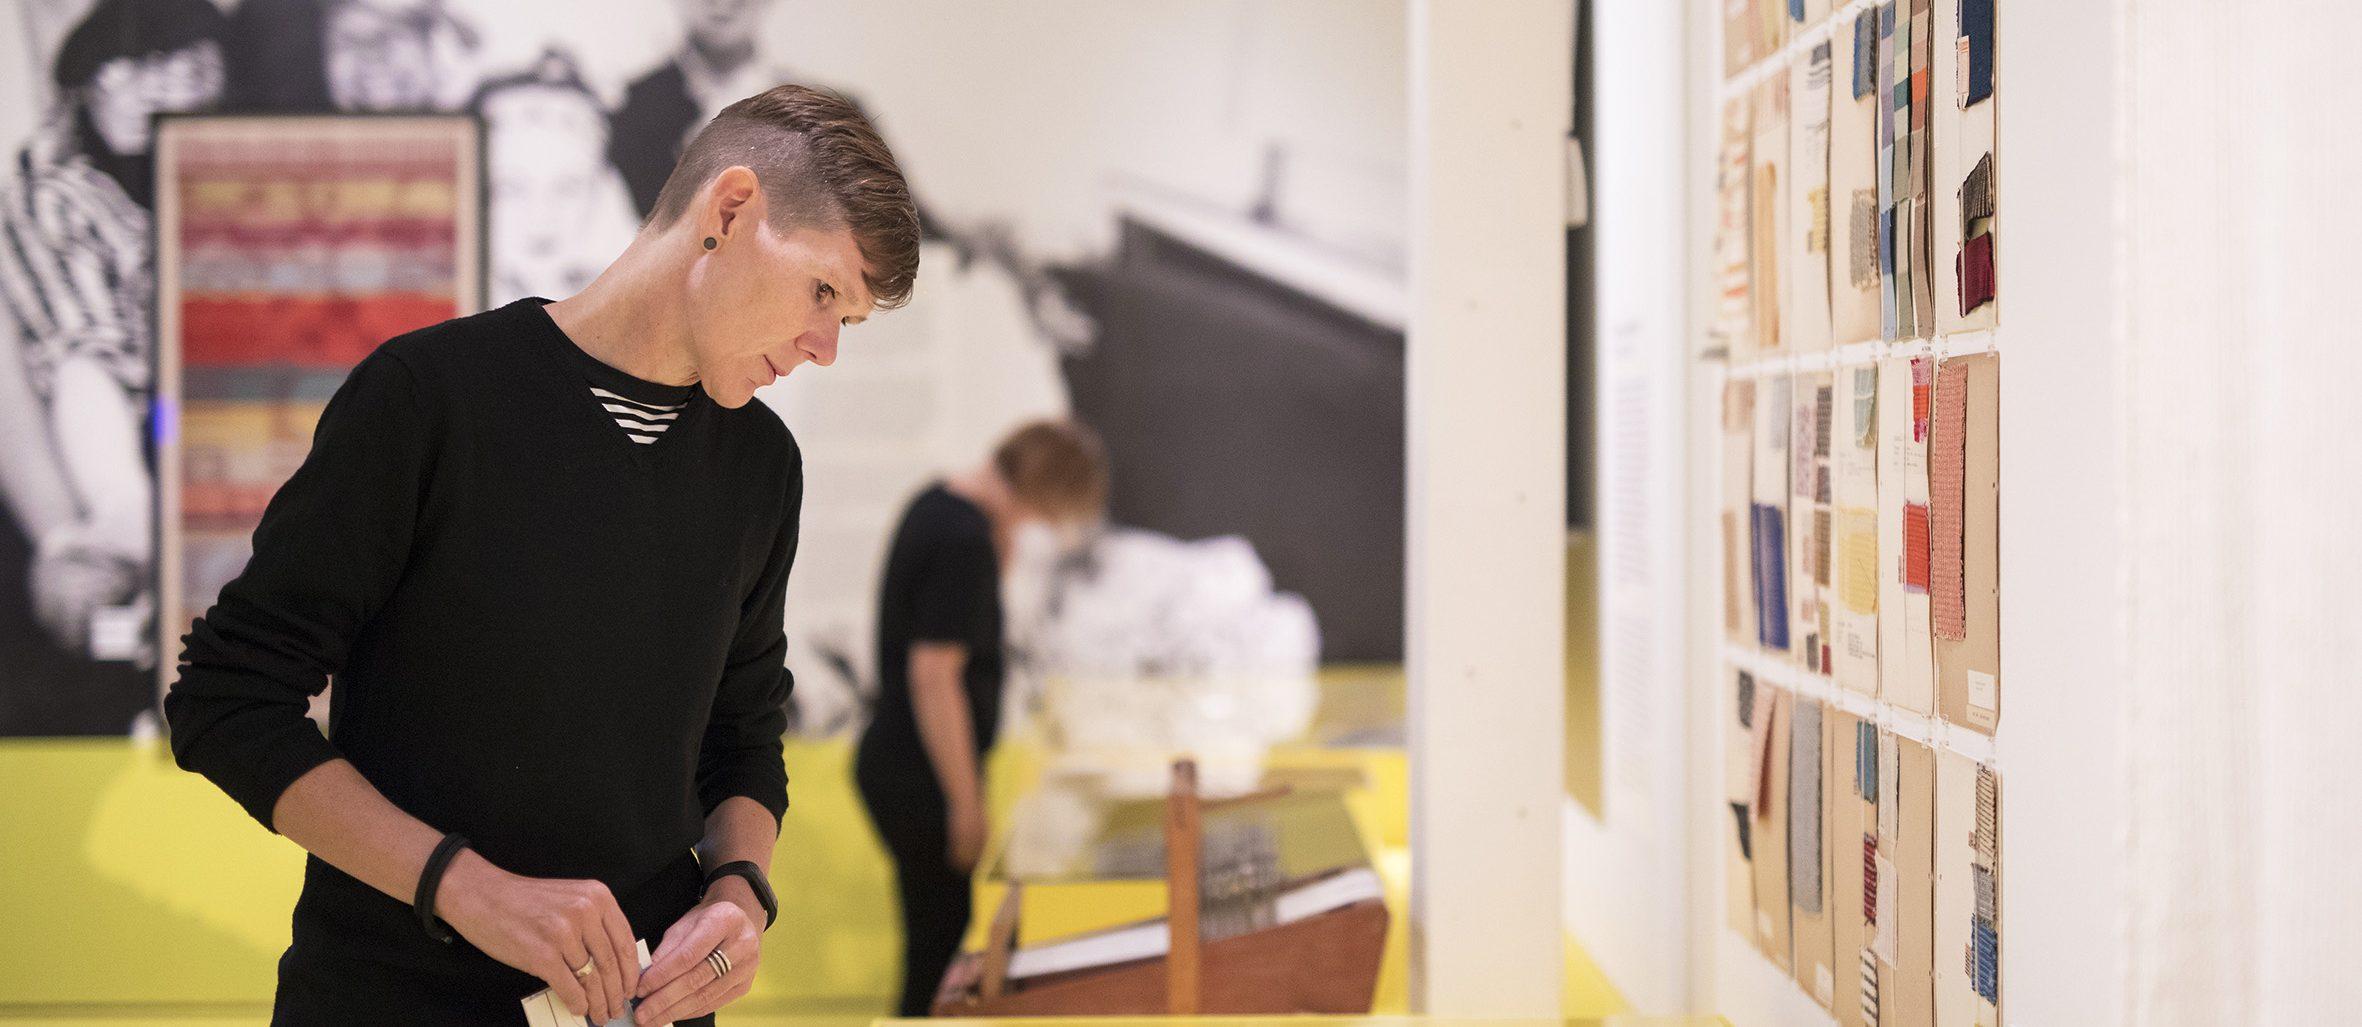 Bezoeker in tentoonstelling. Foto: Diewke van den Heuvel